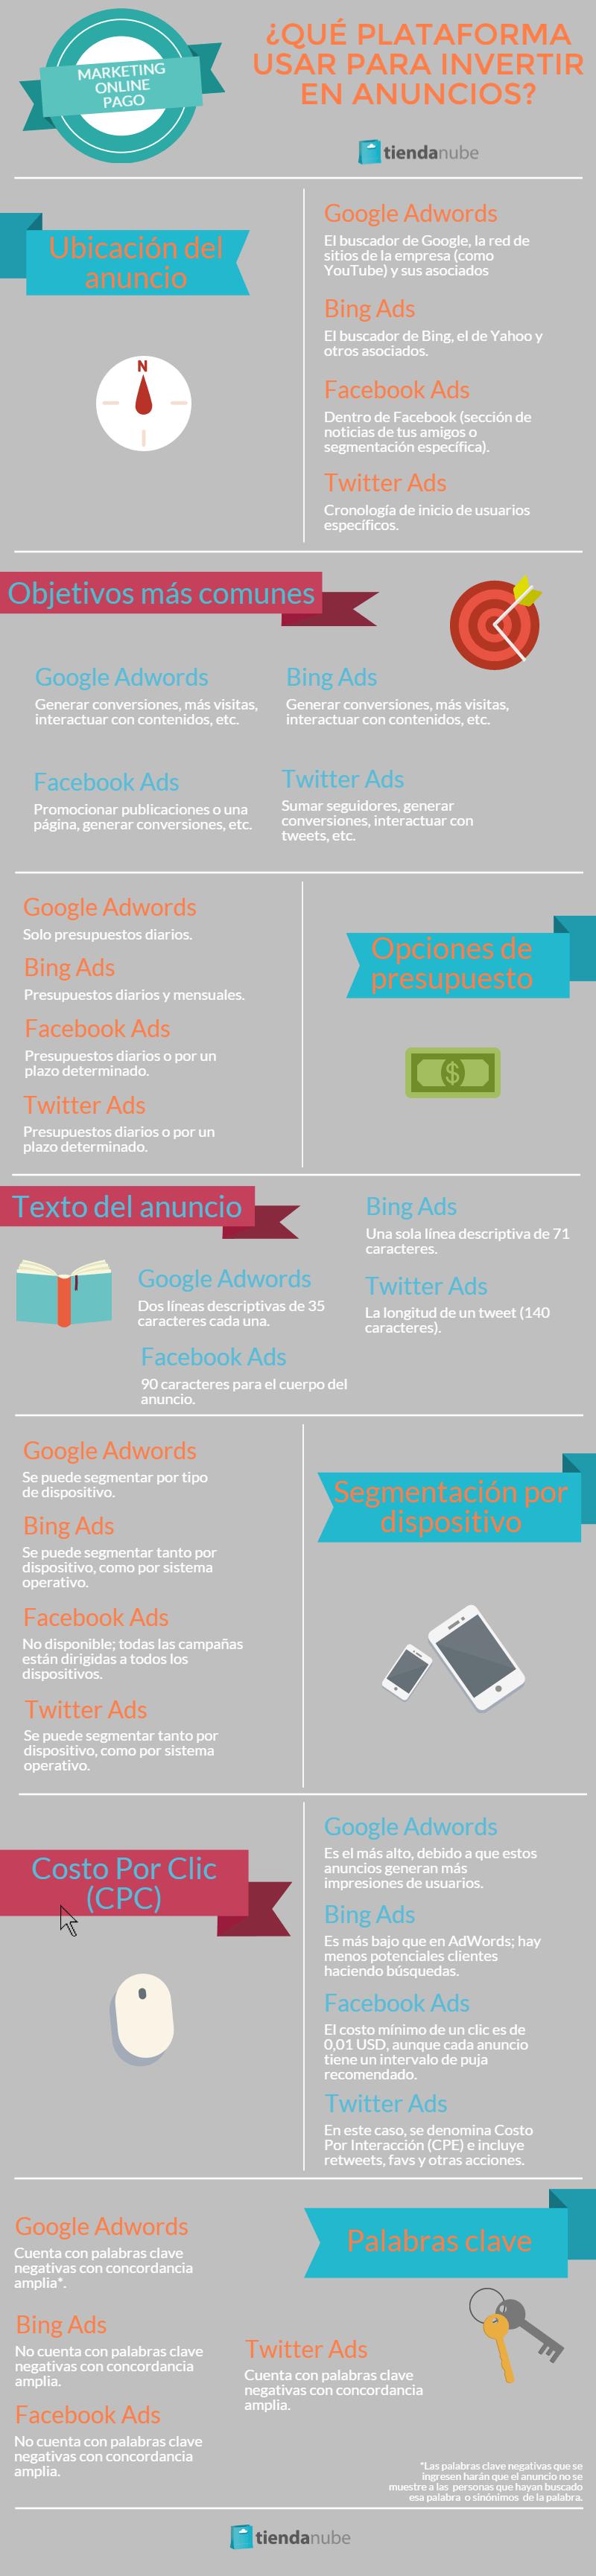 Anuncios en Facebook, Ads, Twitter y Bing